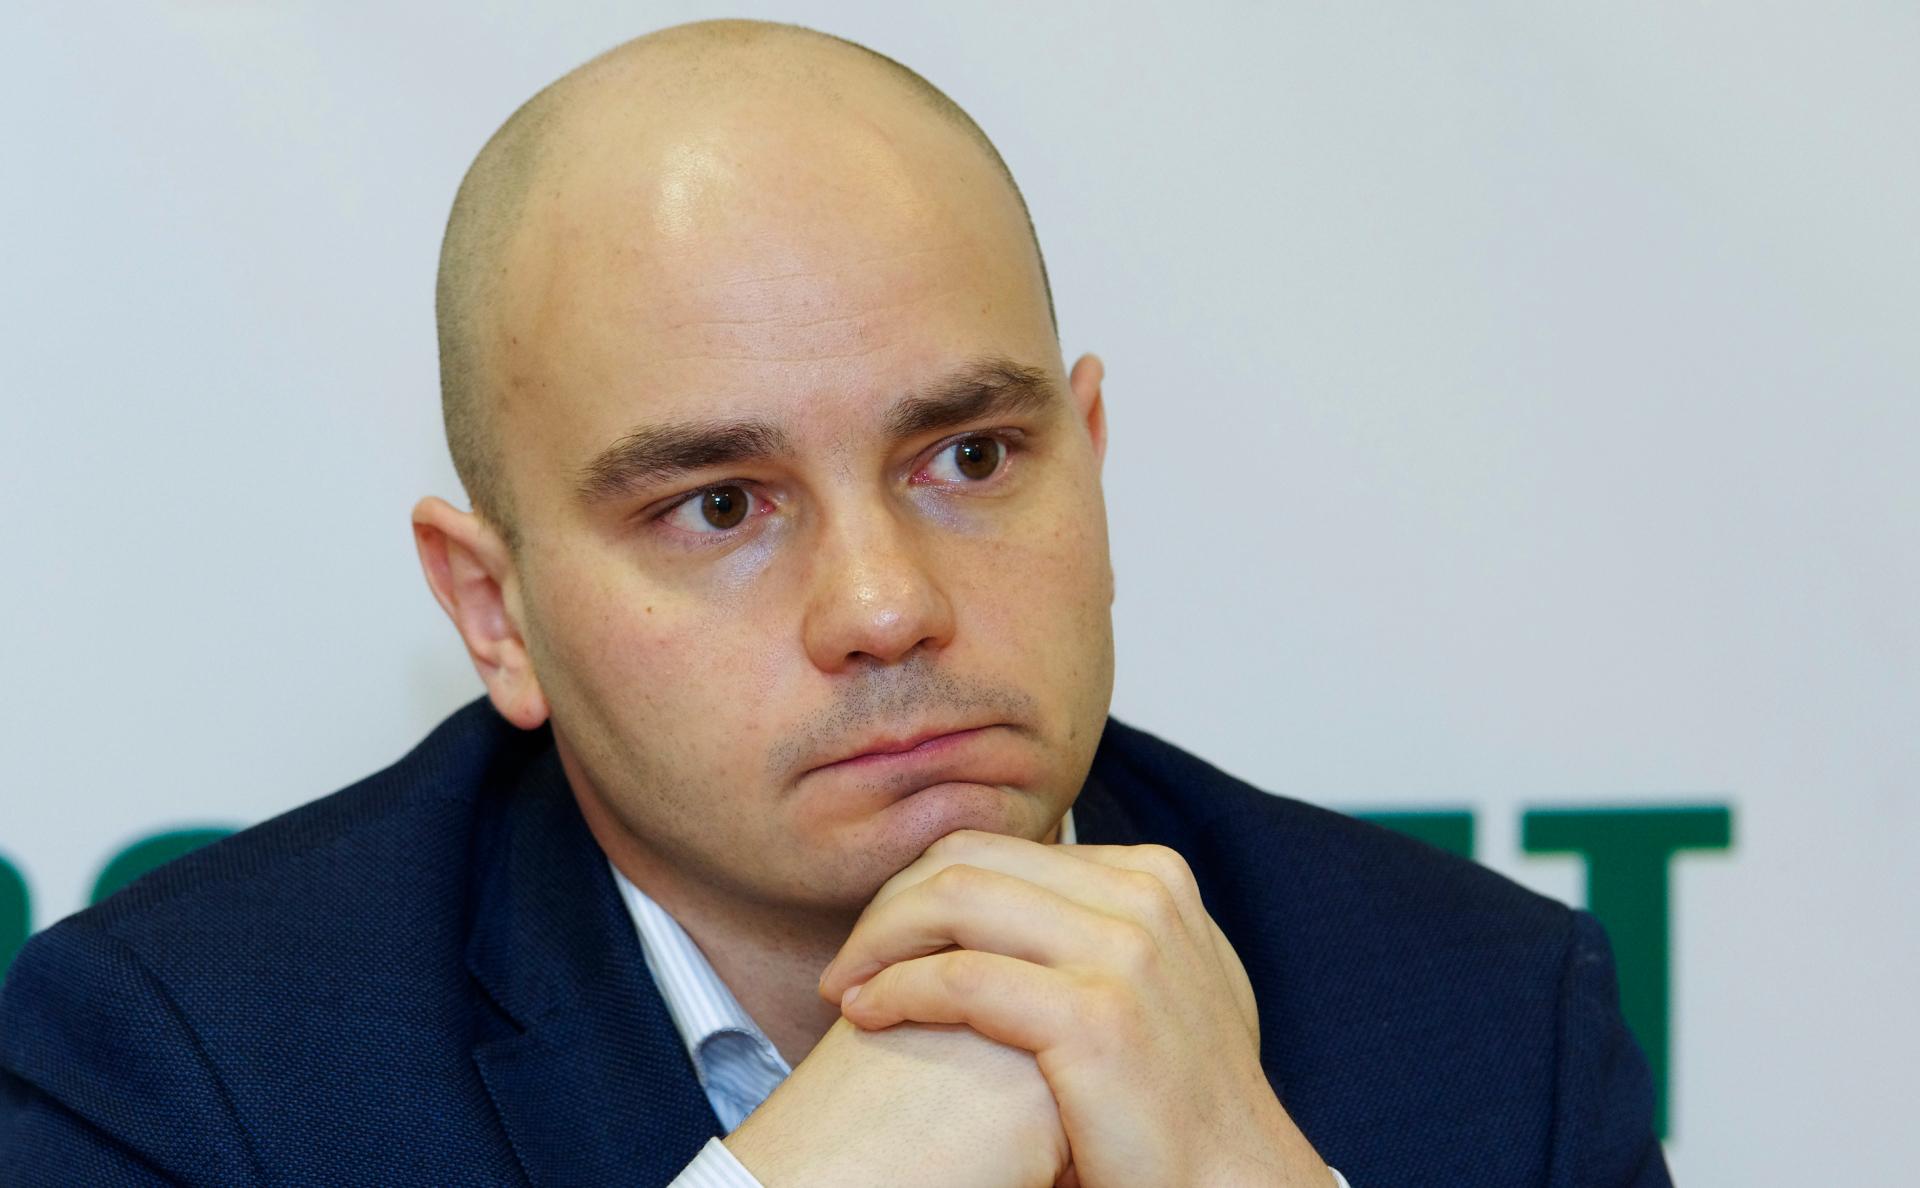 Фото:Дмитрий Михаевич / ТАСС